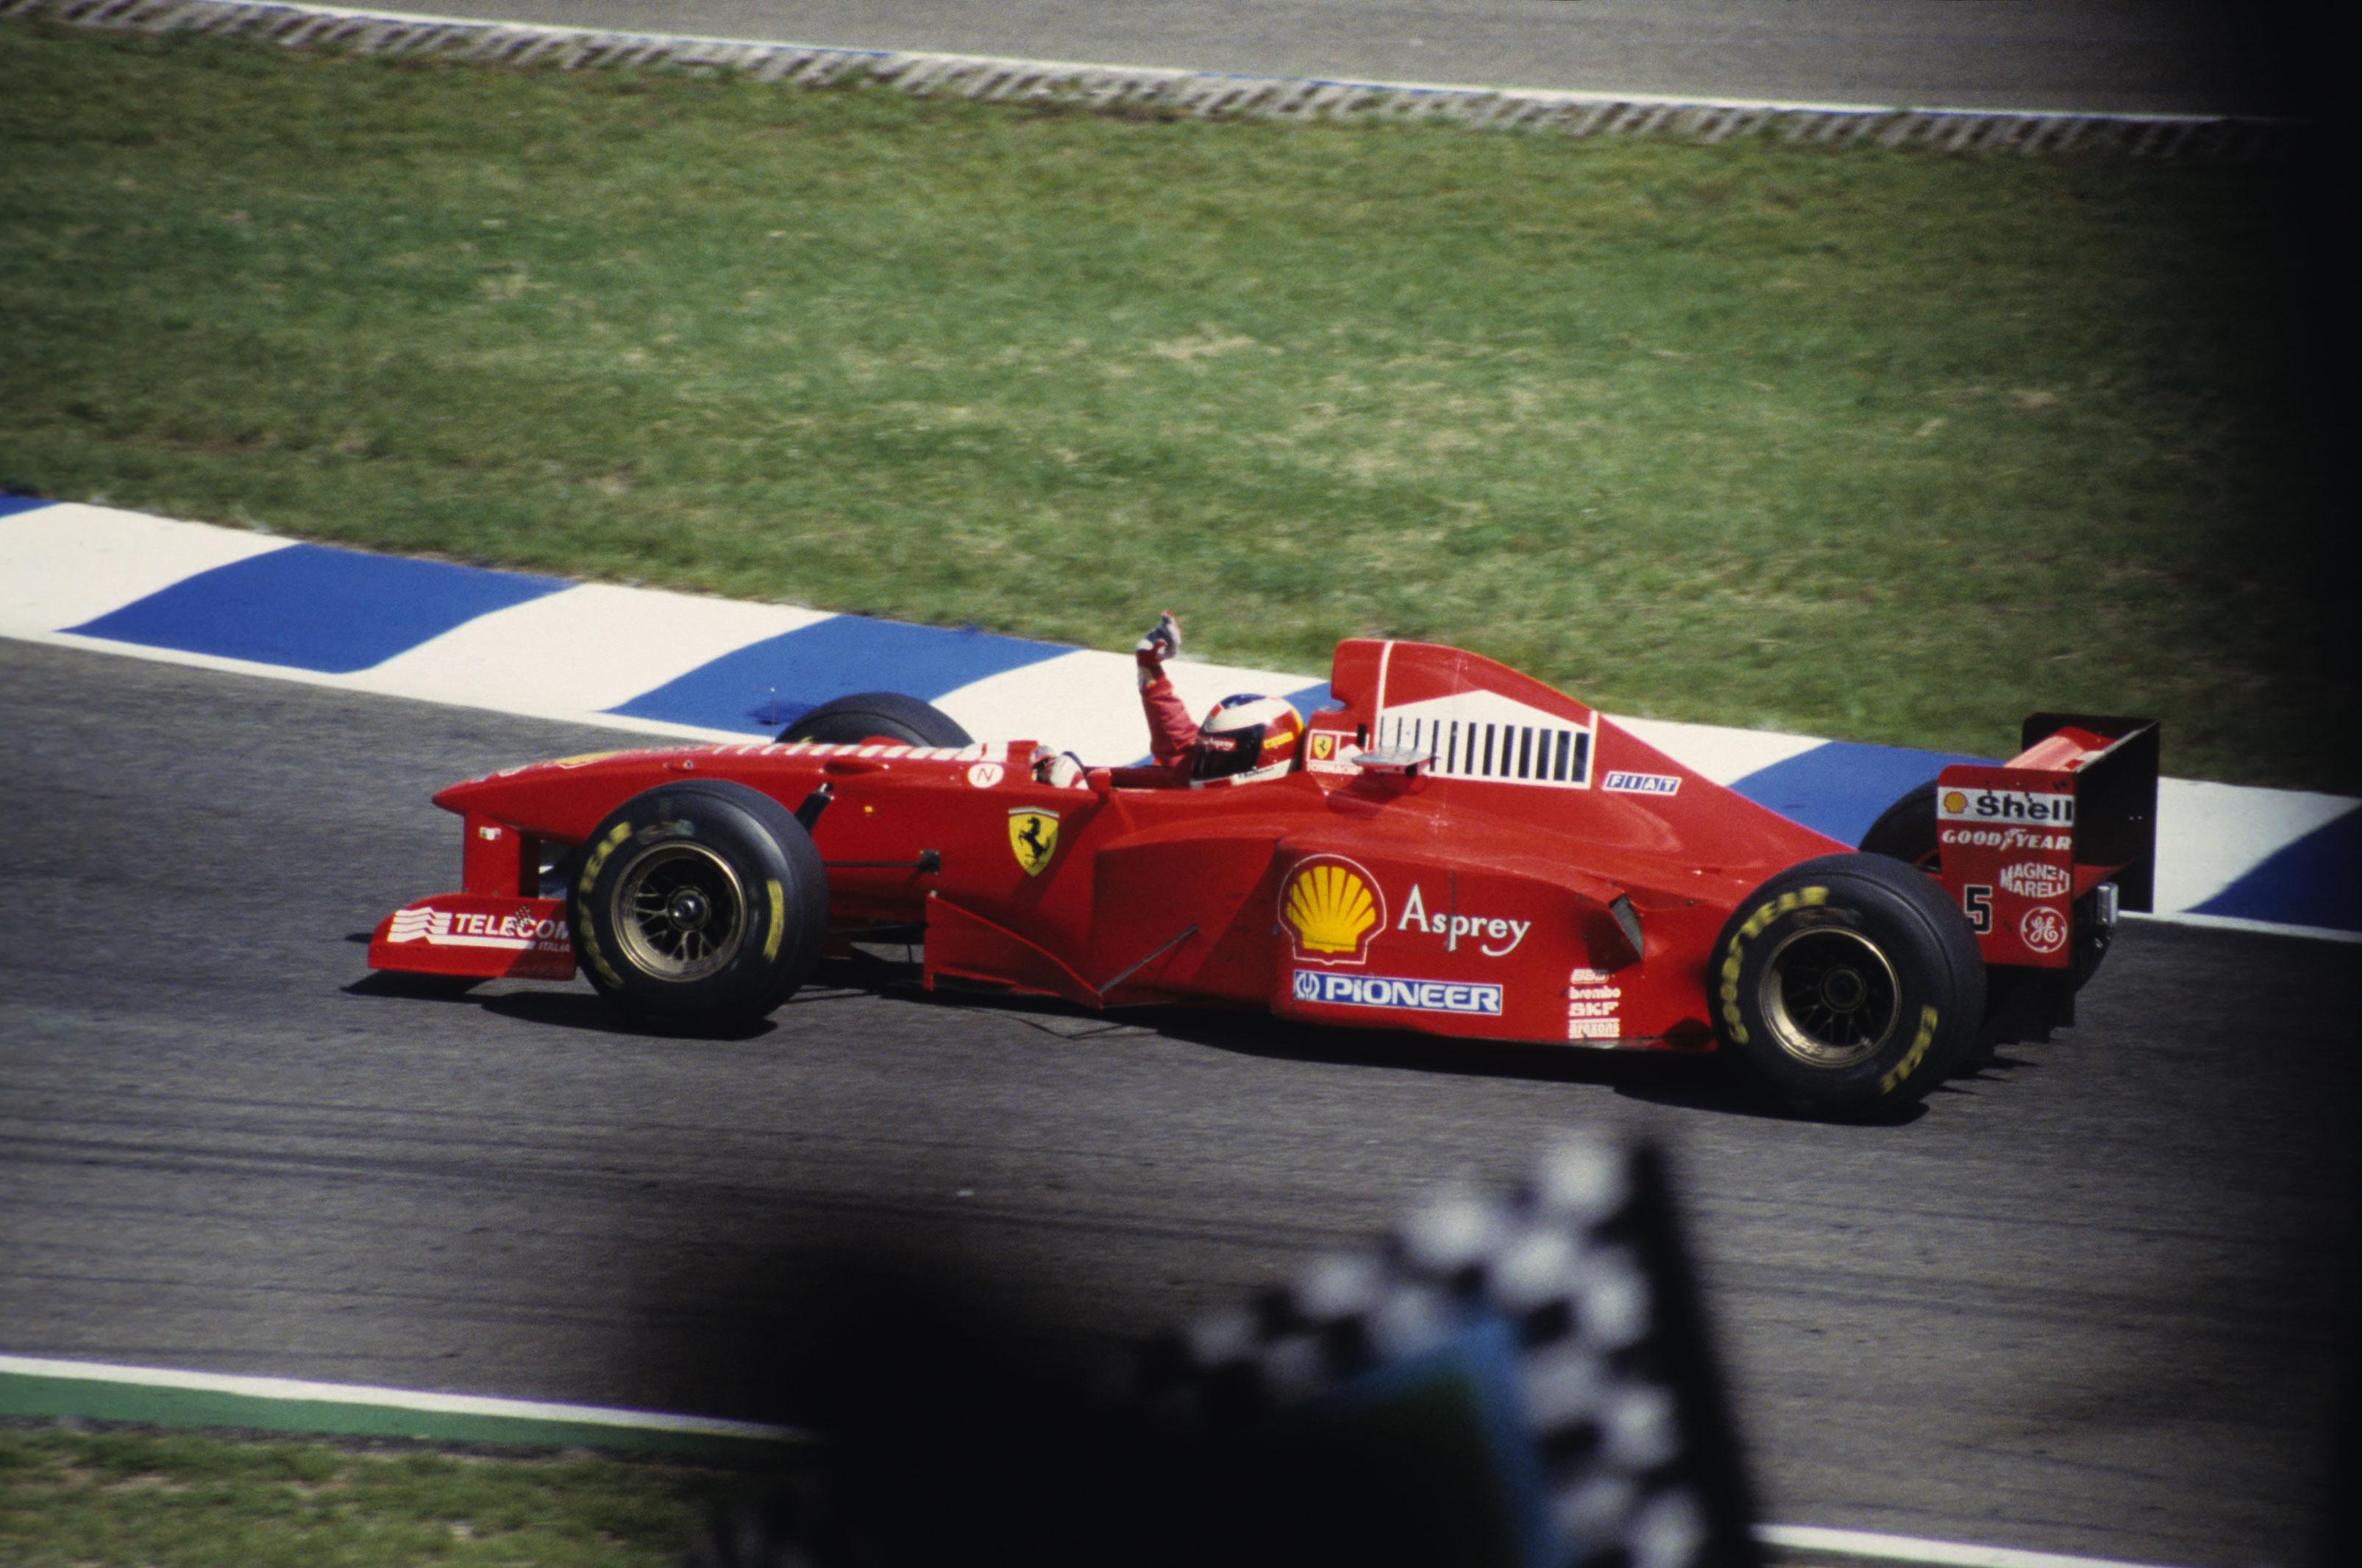 Михаэль Шумахер на Ferrari после финиша Гран-при Германии 1997 года